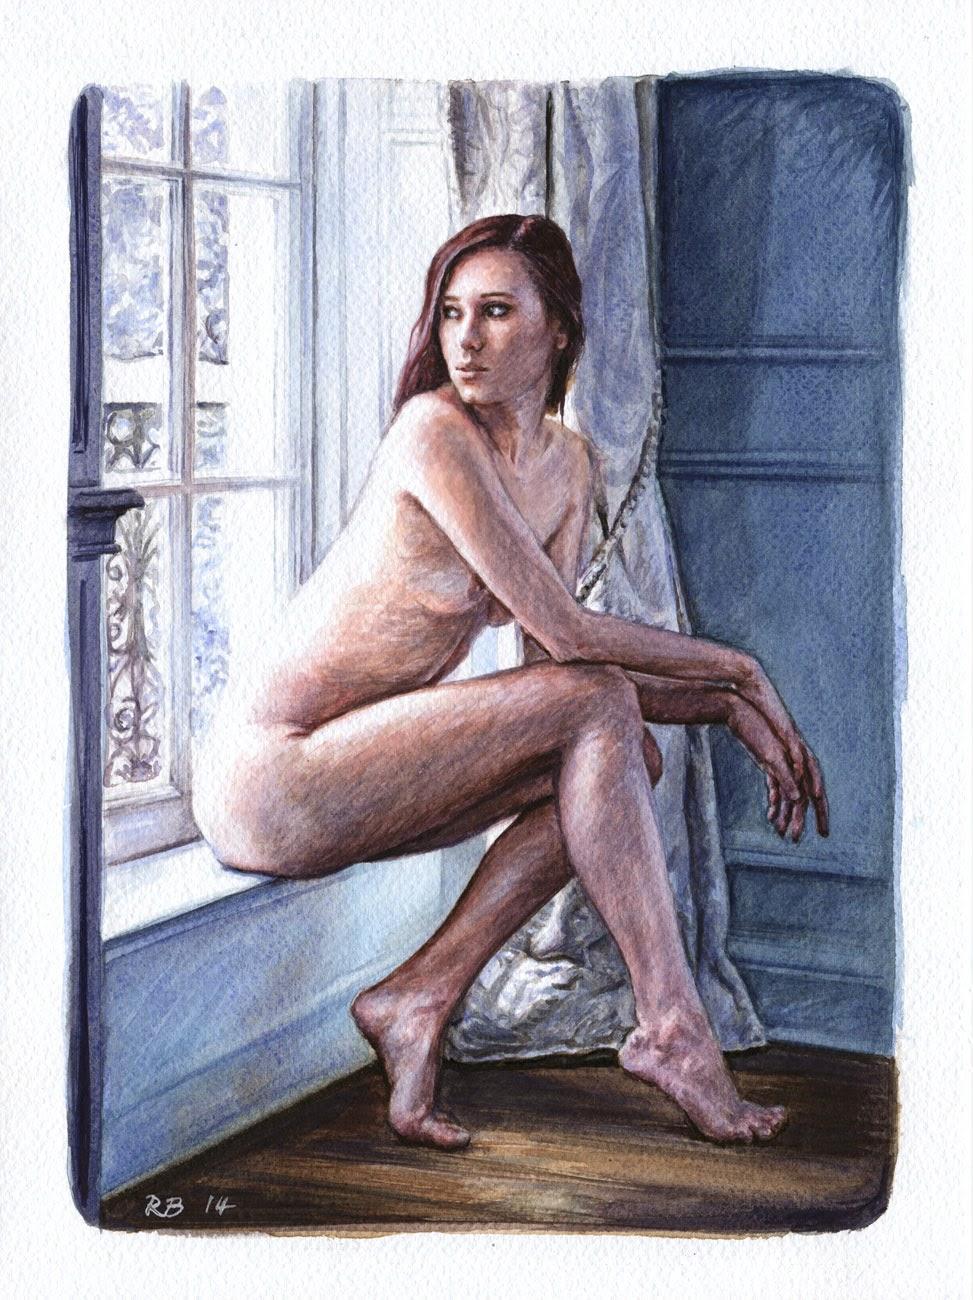 René Bui - Etude de nu à l'aquarelle 140113 - 2014